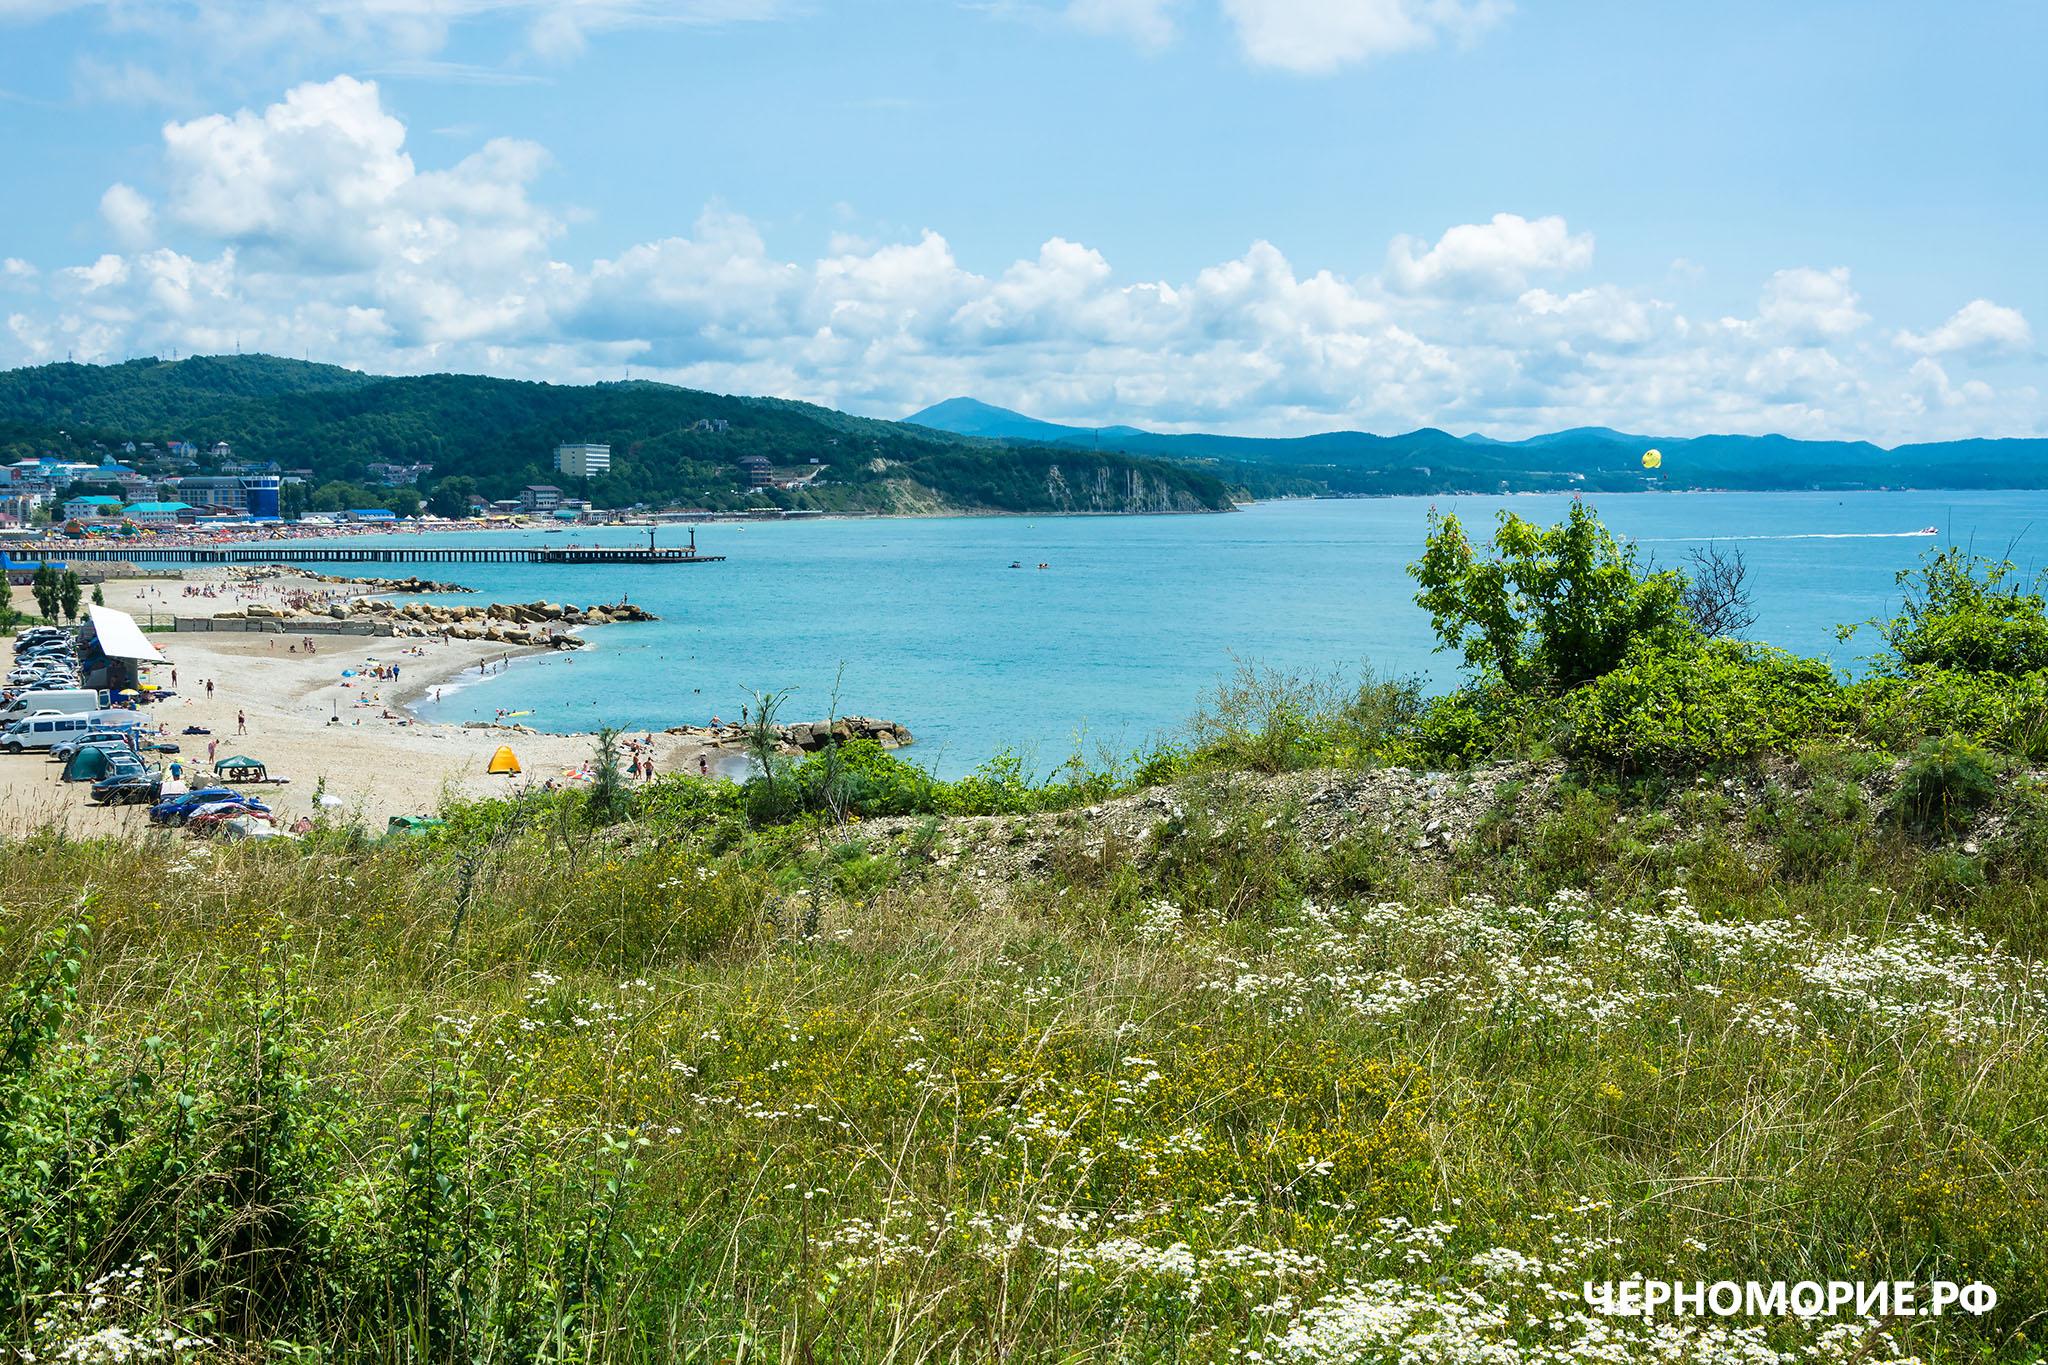 Вид на море и пляж у посёлка Лермонтово